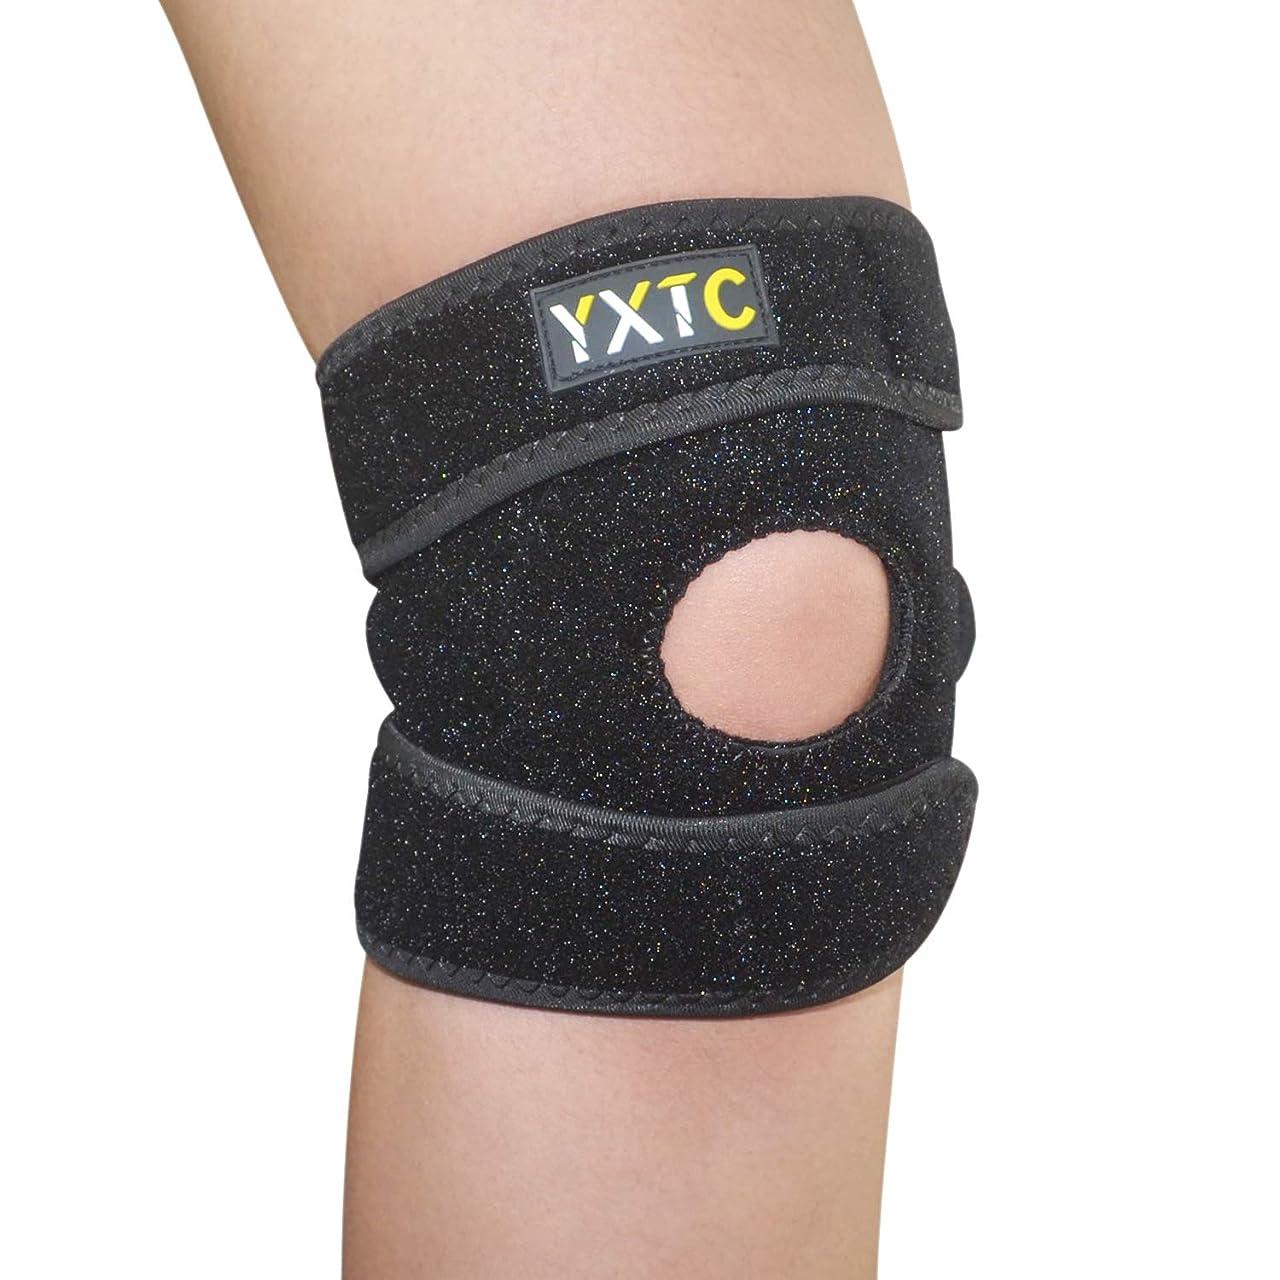 速報見捨てる成長するYXTC 医療用 膝サポーター 運動 バレーボールサポーター 関節 固定 保護 薄型 左右兼用 男女兼用 キッズ 子供 1枚入り